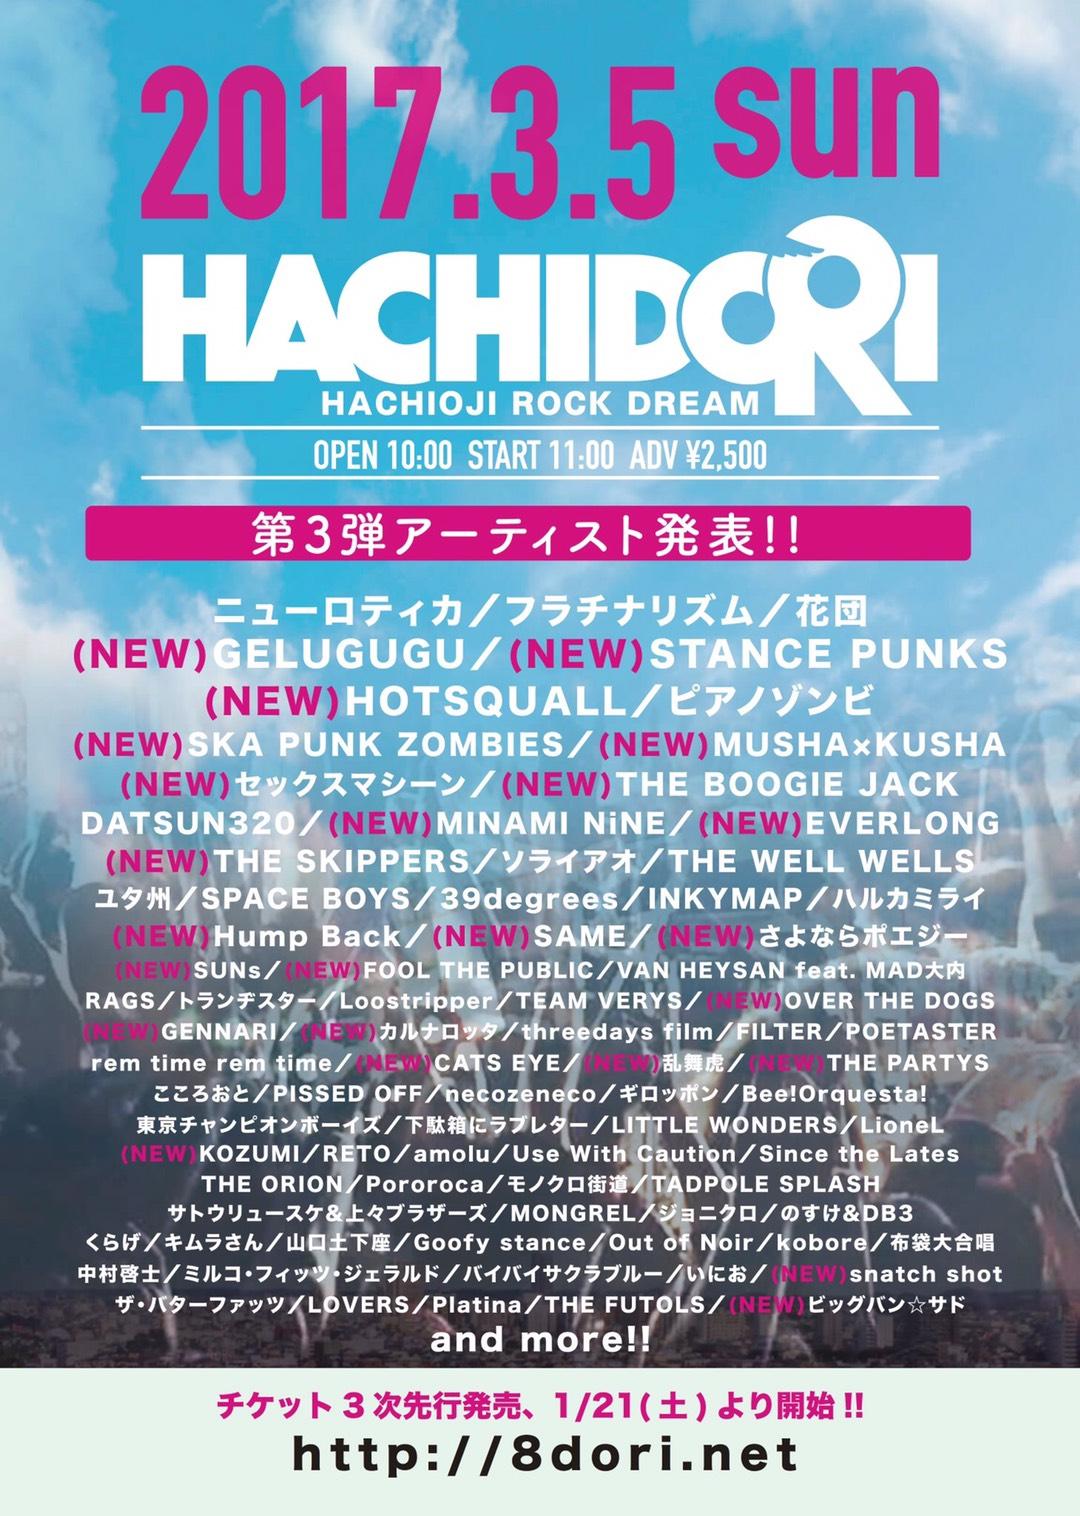 20170305_Hachidori2017